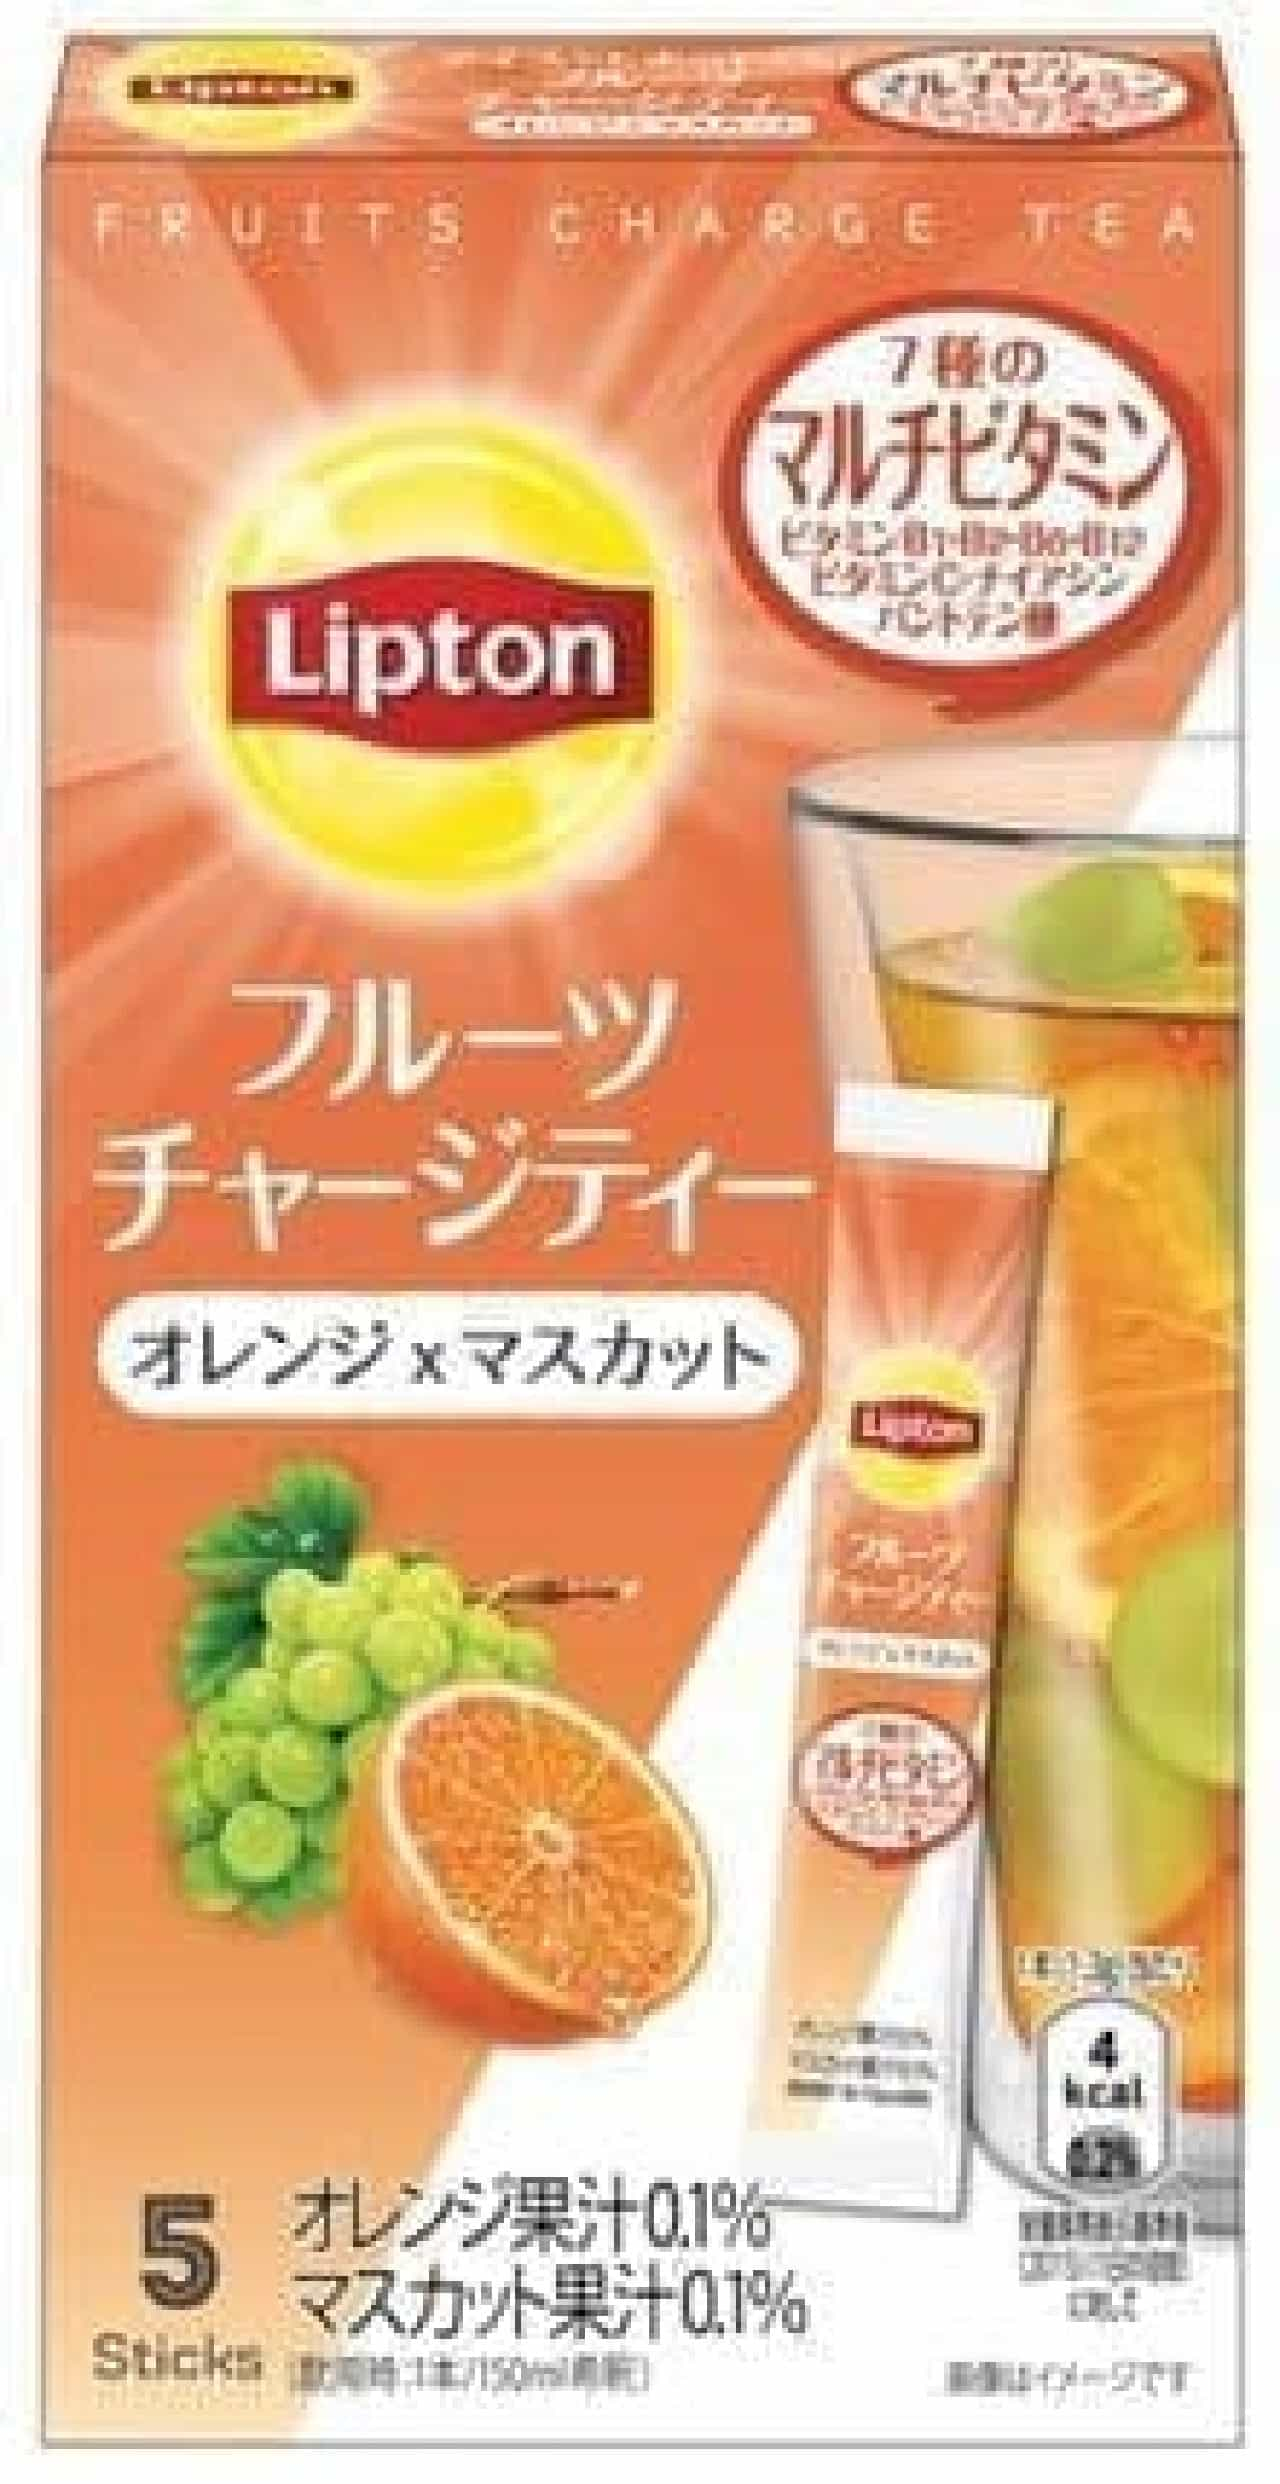 リプトン フルーツチャージティー スティック オレンジ&マスカット